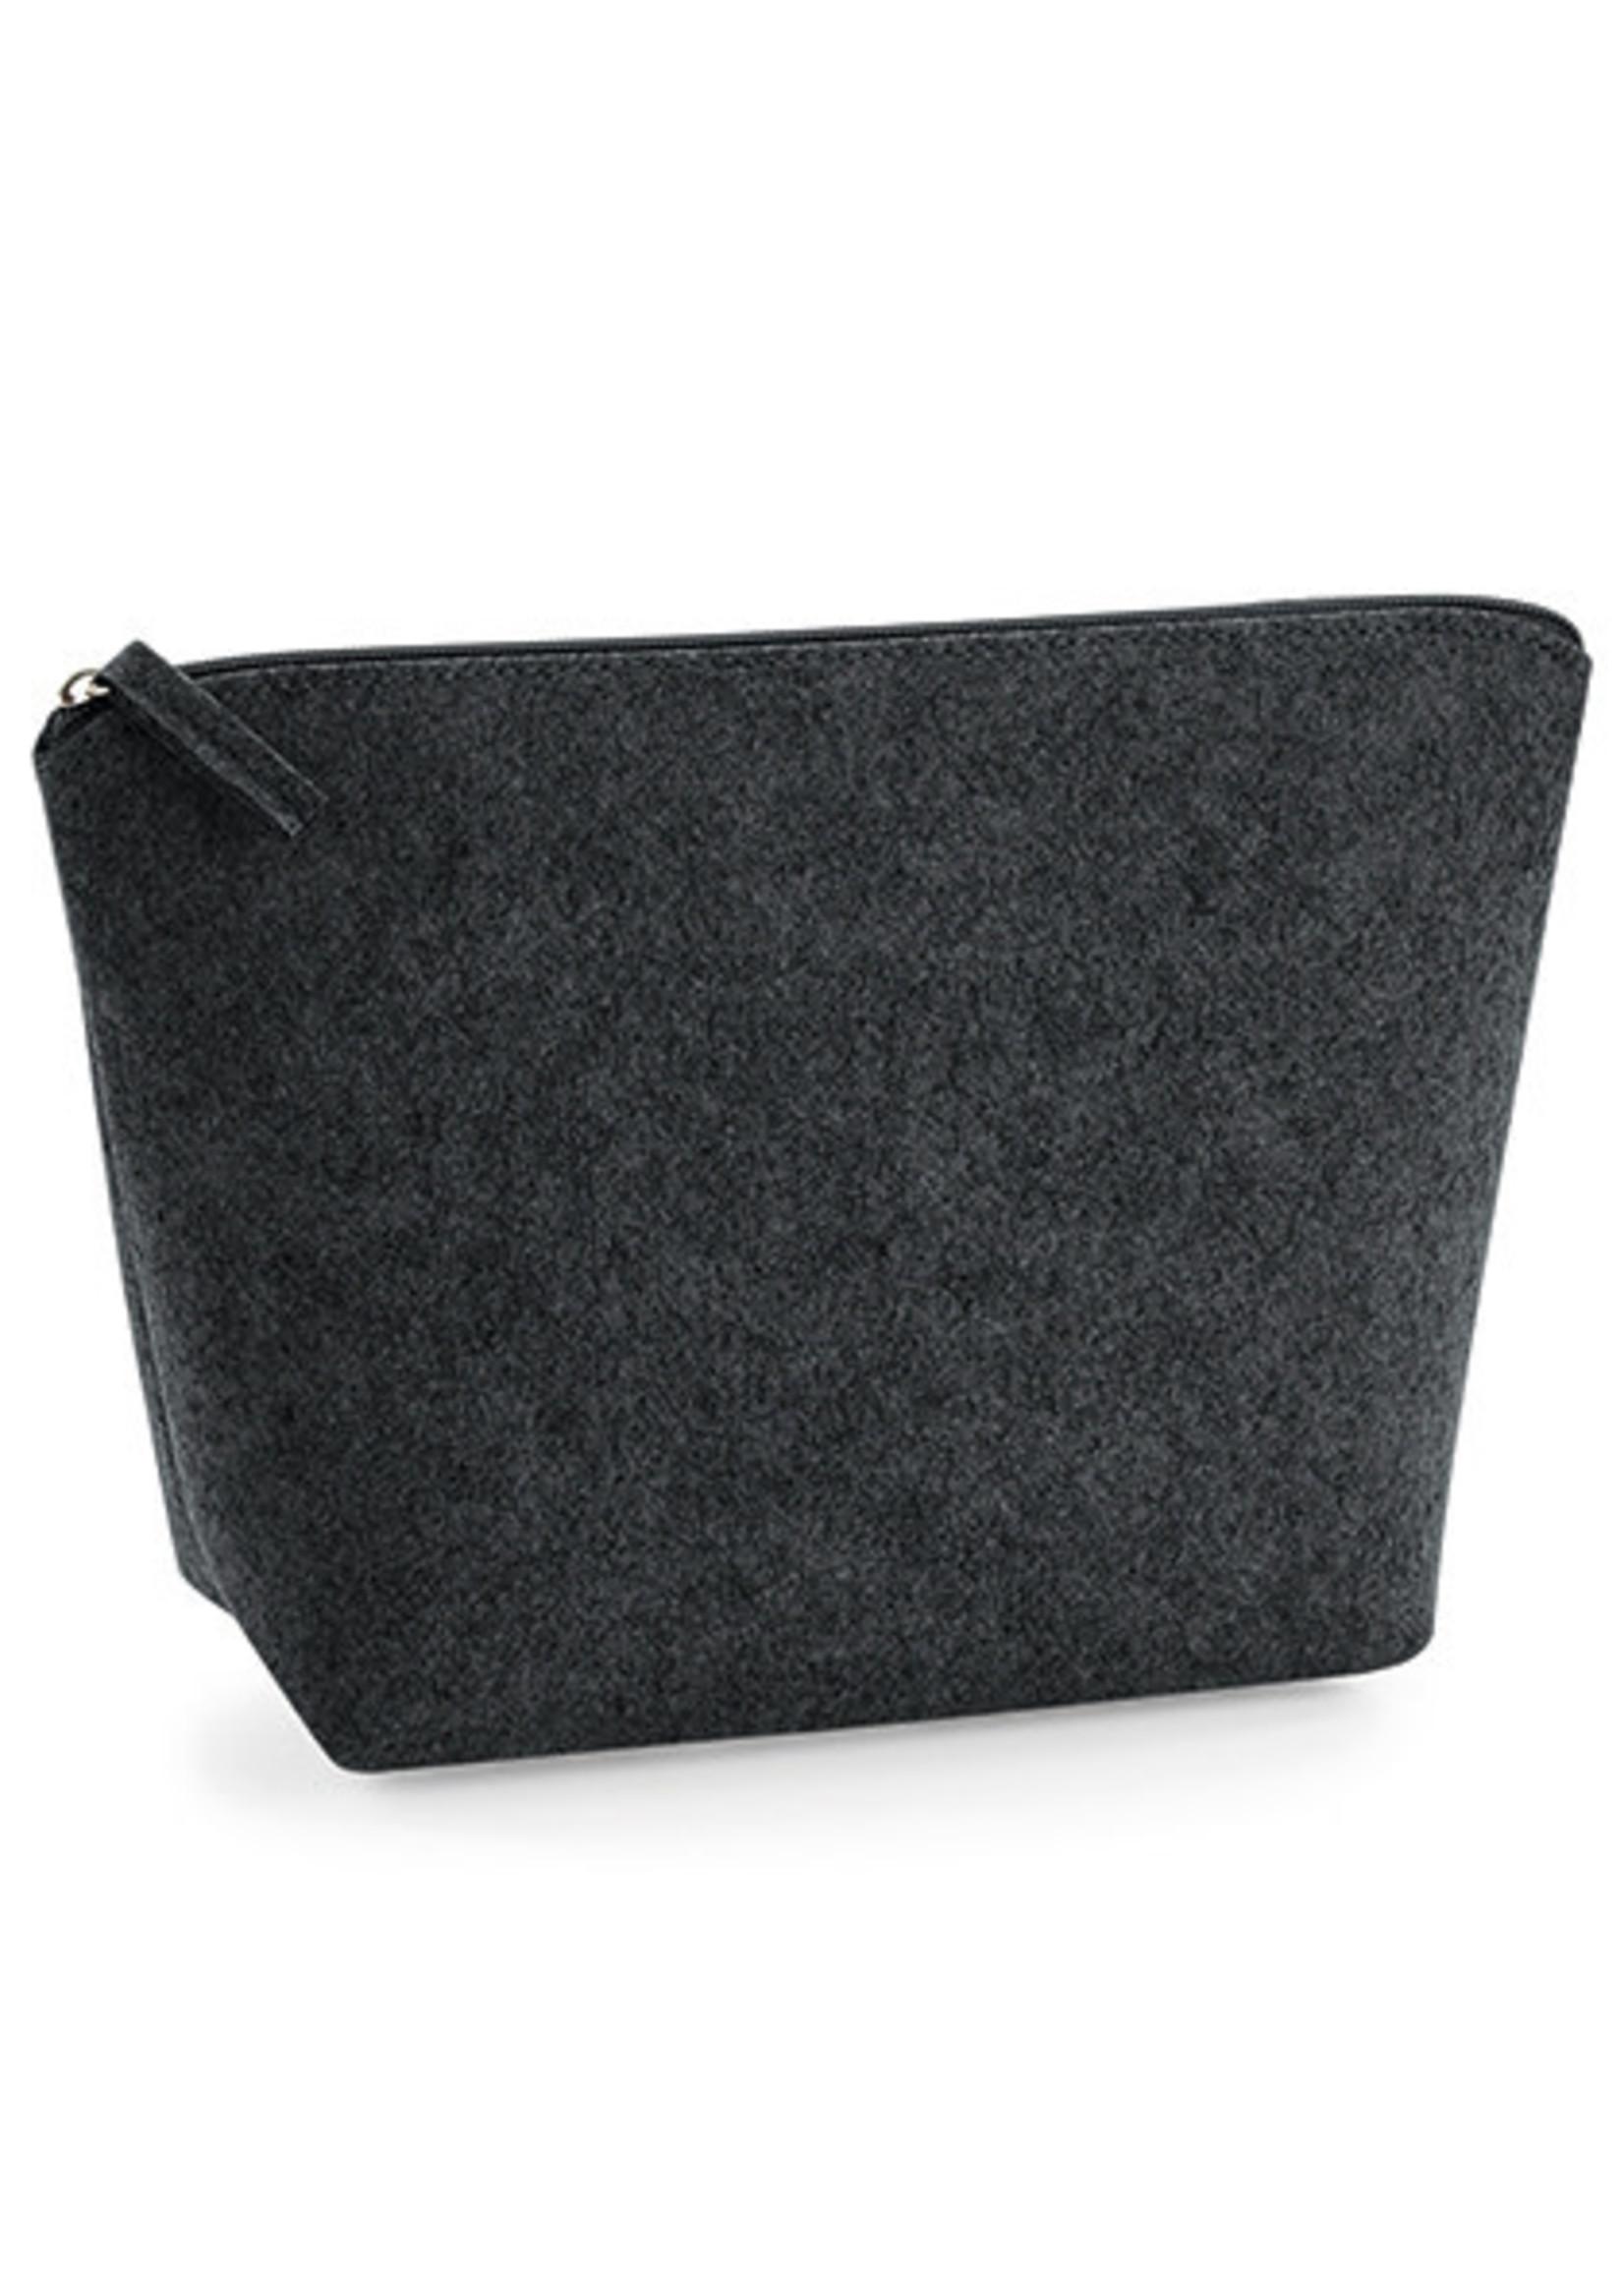 Felt Accessory Bag - Charcoal Melange - S